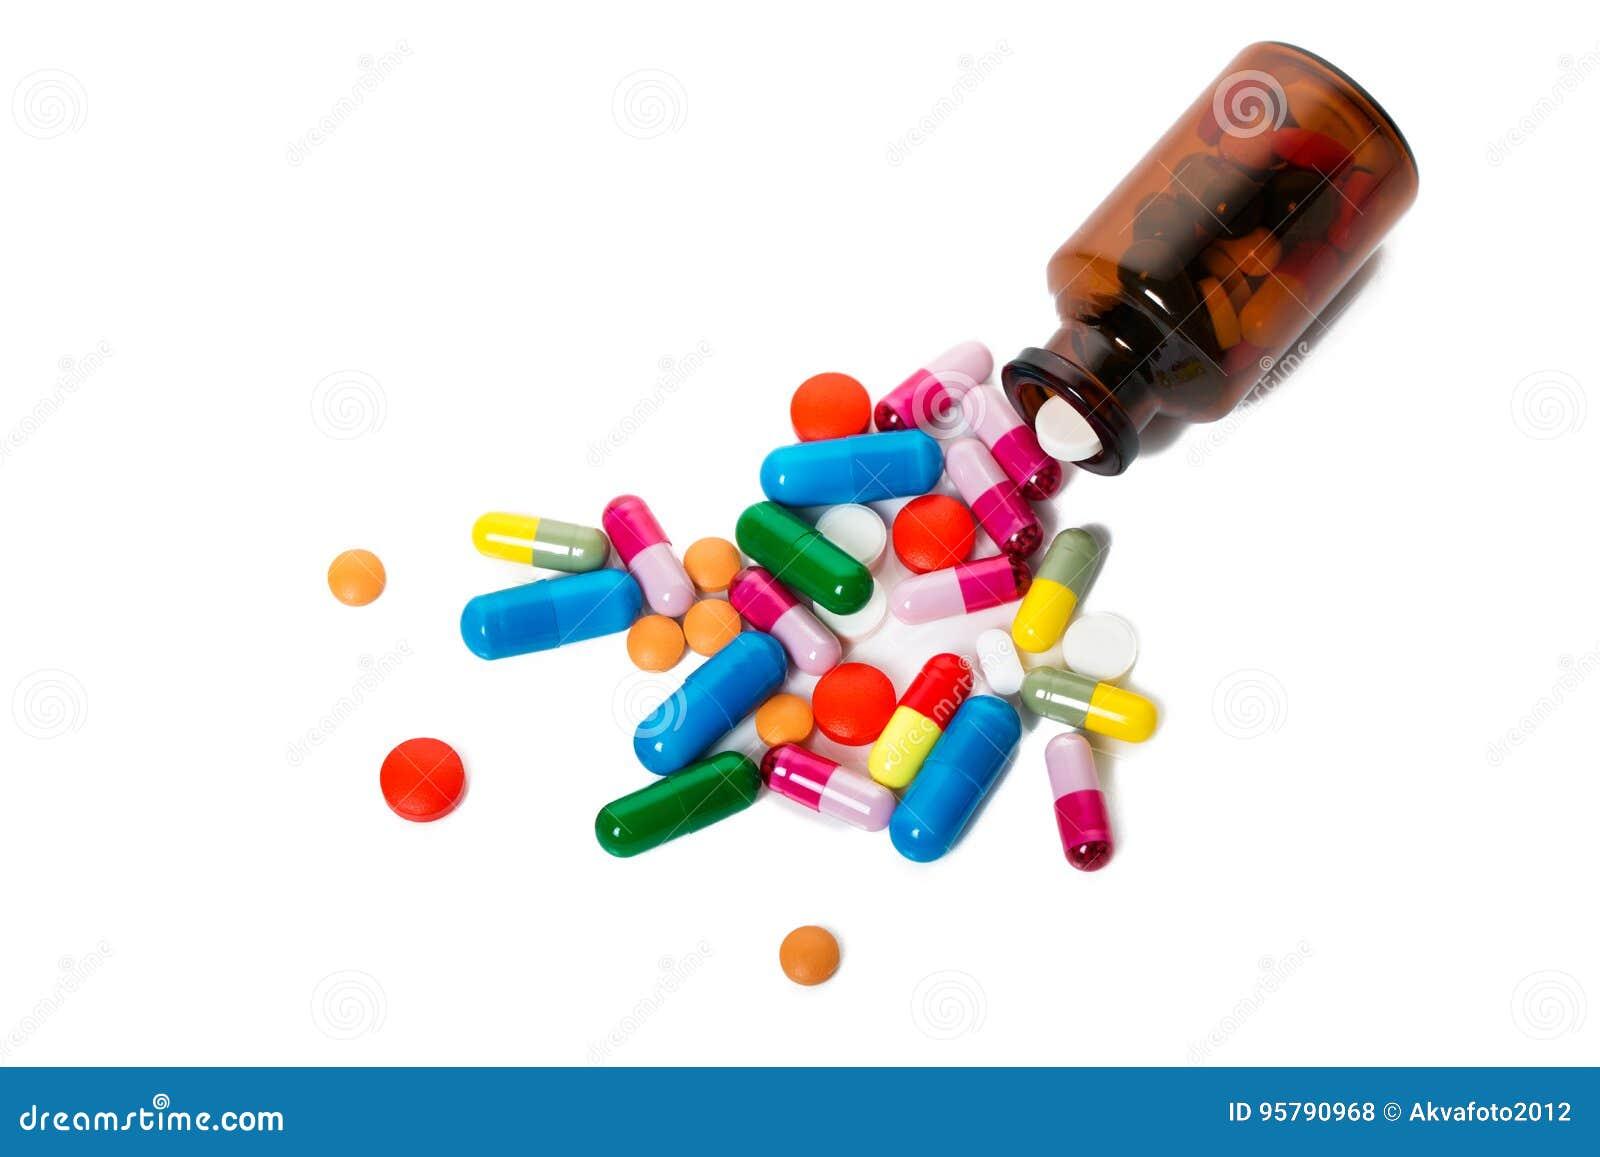 Сортированные фармацевтические пилюльки, таблетки и капсулы медицины над черной предпосылкой